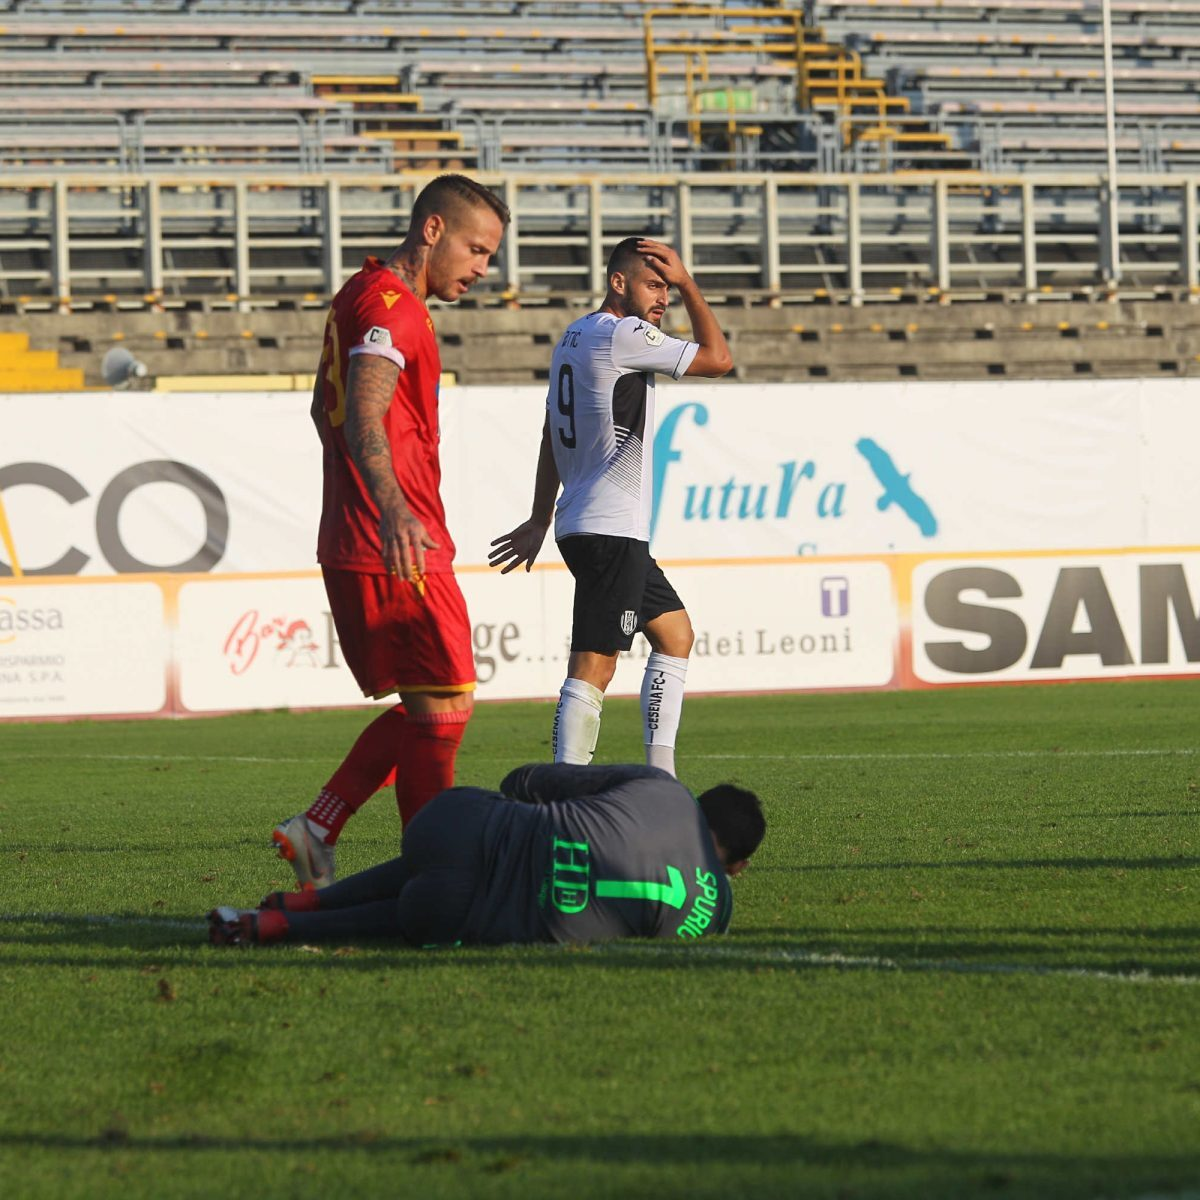 Calcio serie C, un turno di stop a Sirri, Alimi e Cigliano